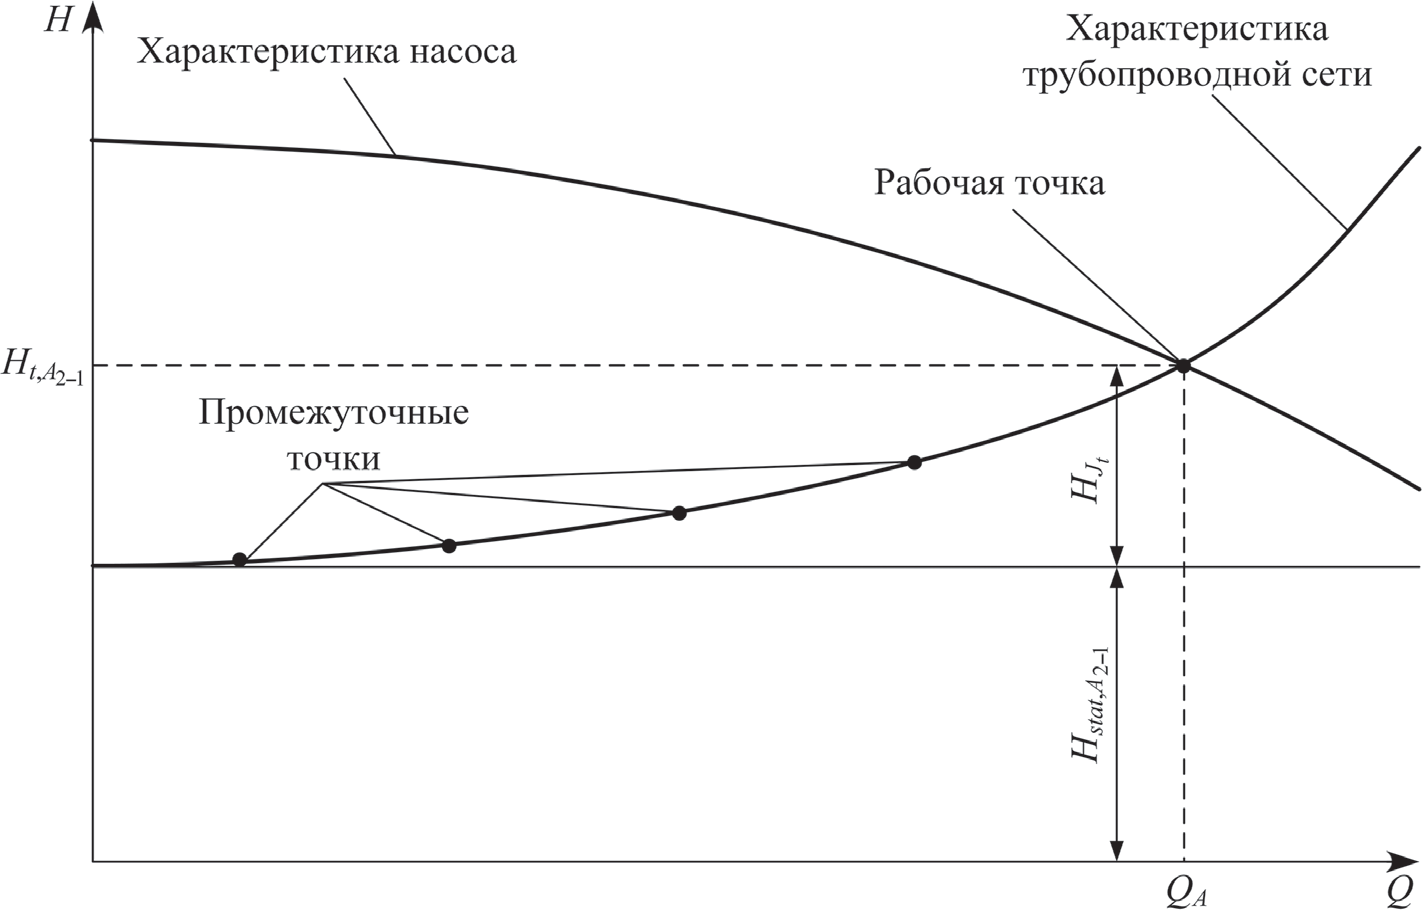 Расчетная схема для определения подачи и полного напора насосной установки